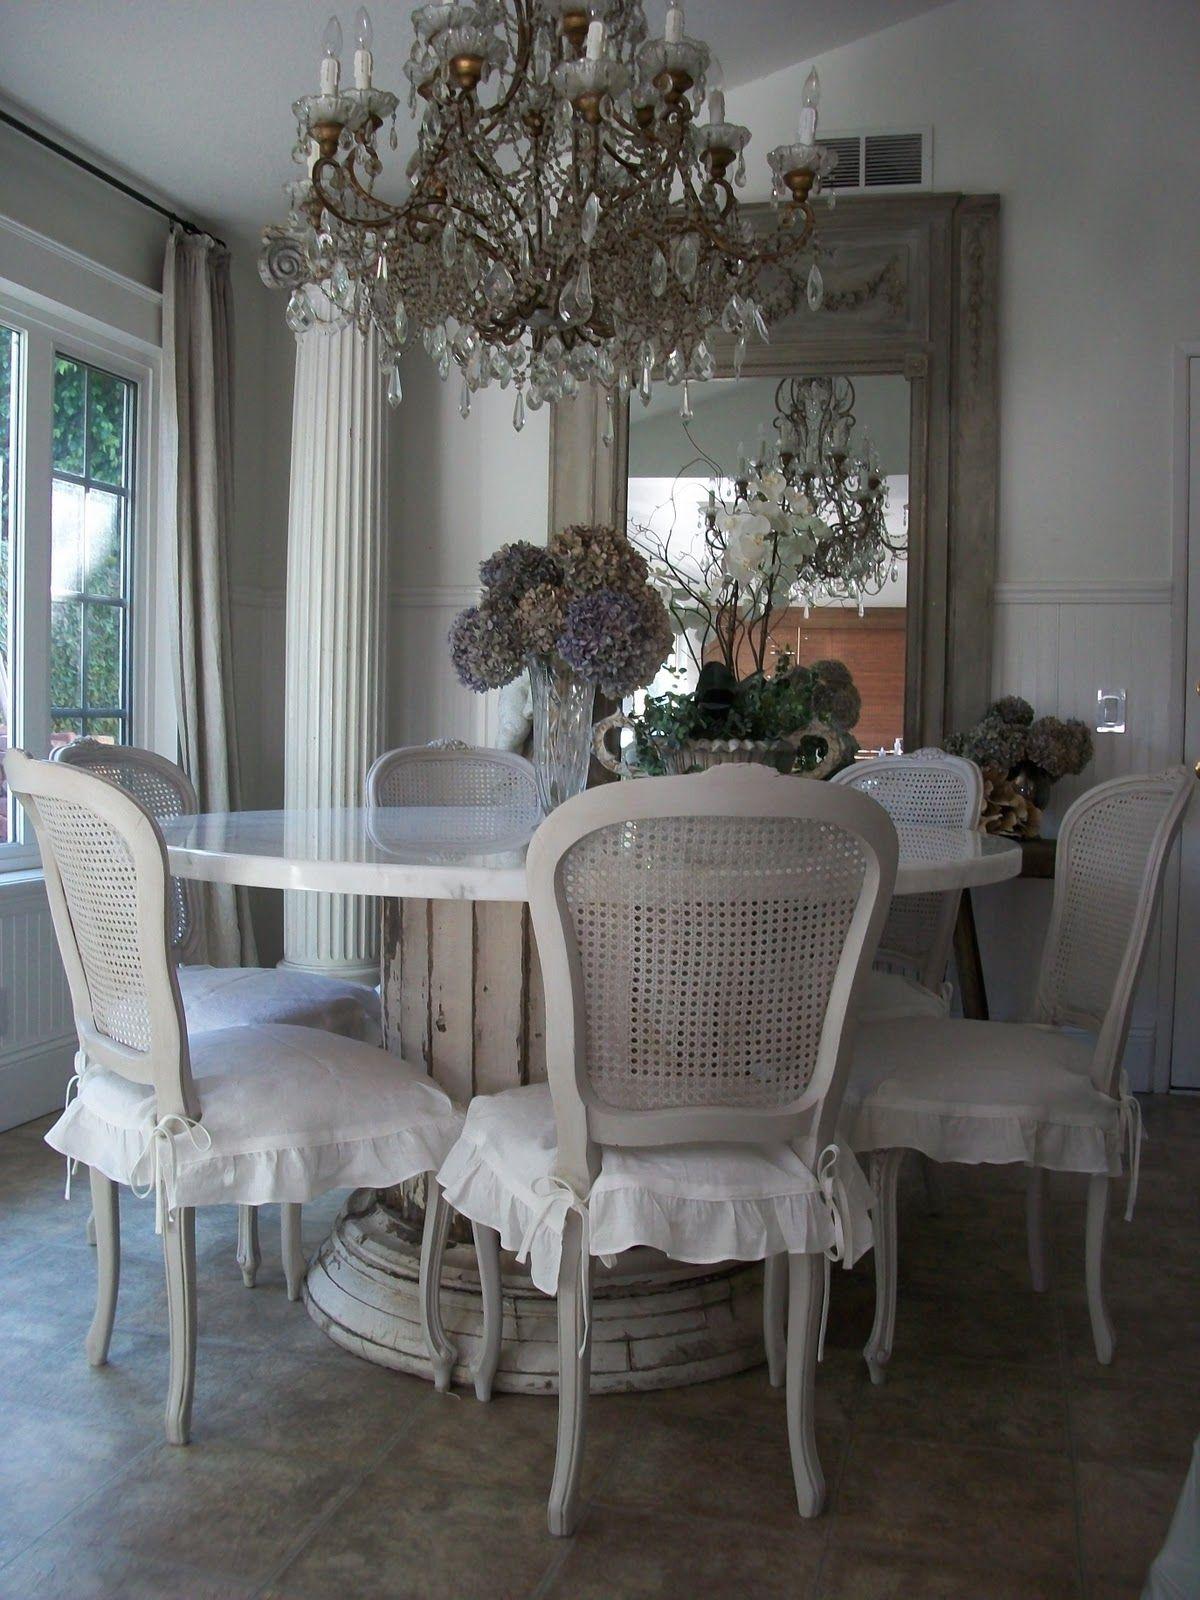 pin von mo roxen auf dreamhome pinterest haus. Black Bedroom Furniture Sets. Home Design Ideas